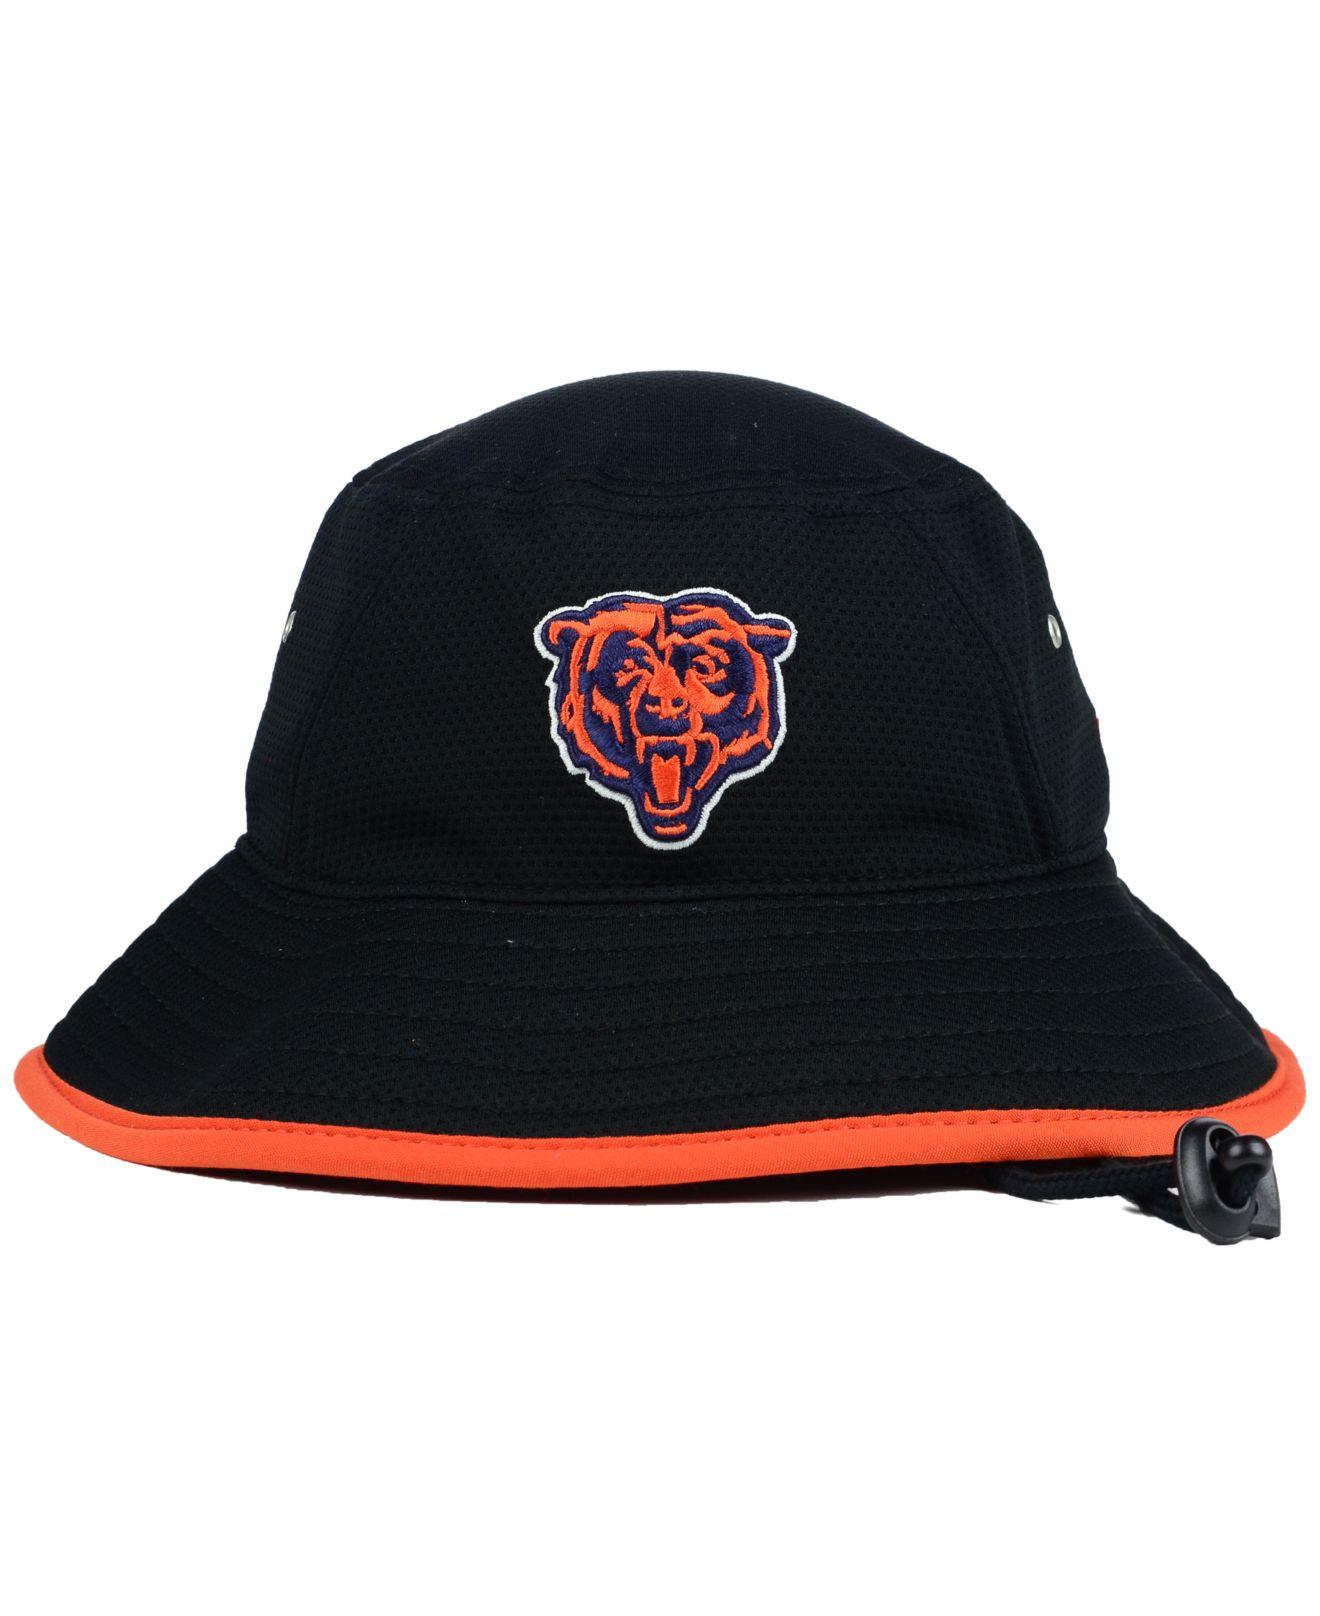 67476fcfeb8 Lyst - KTZ Chicago Bears Training Bucket Hat in Black for Men